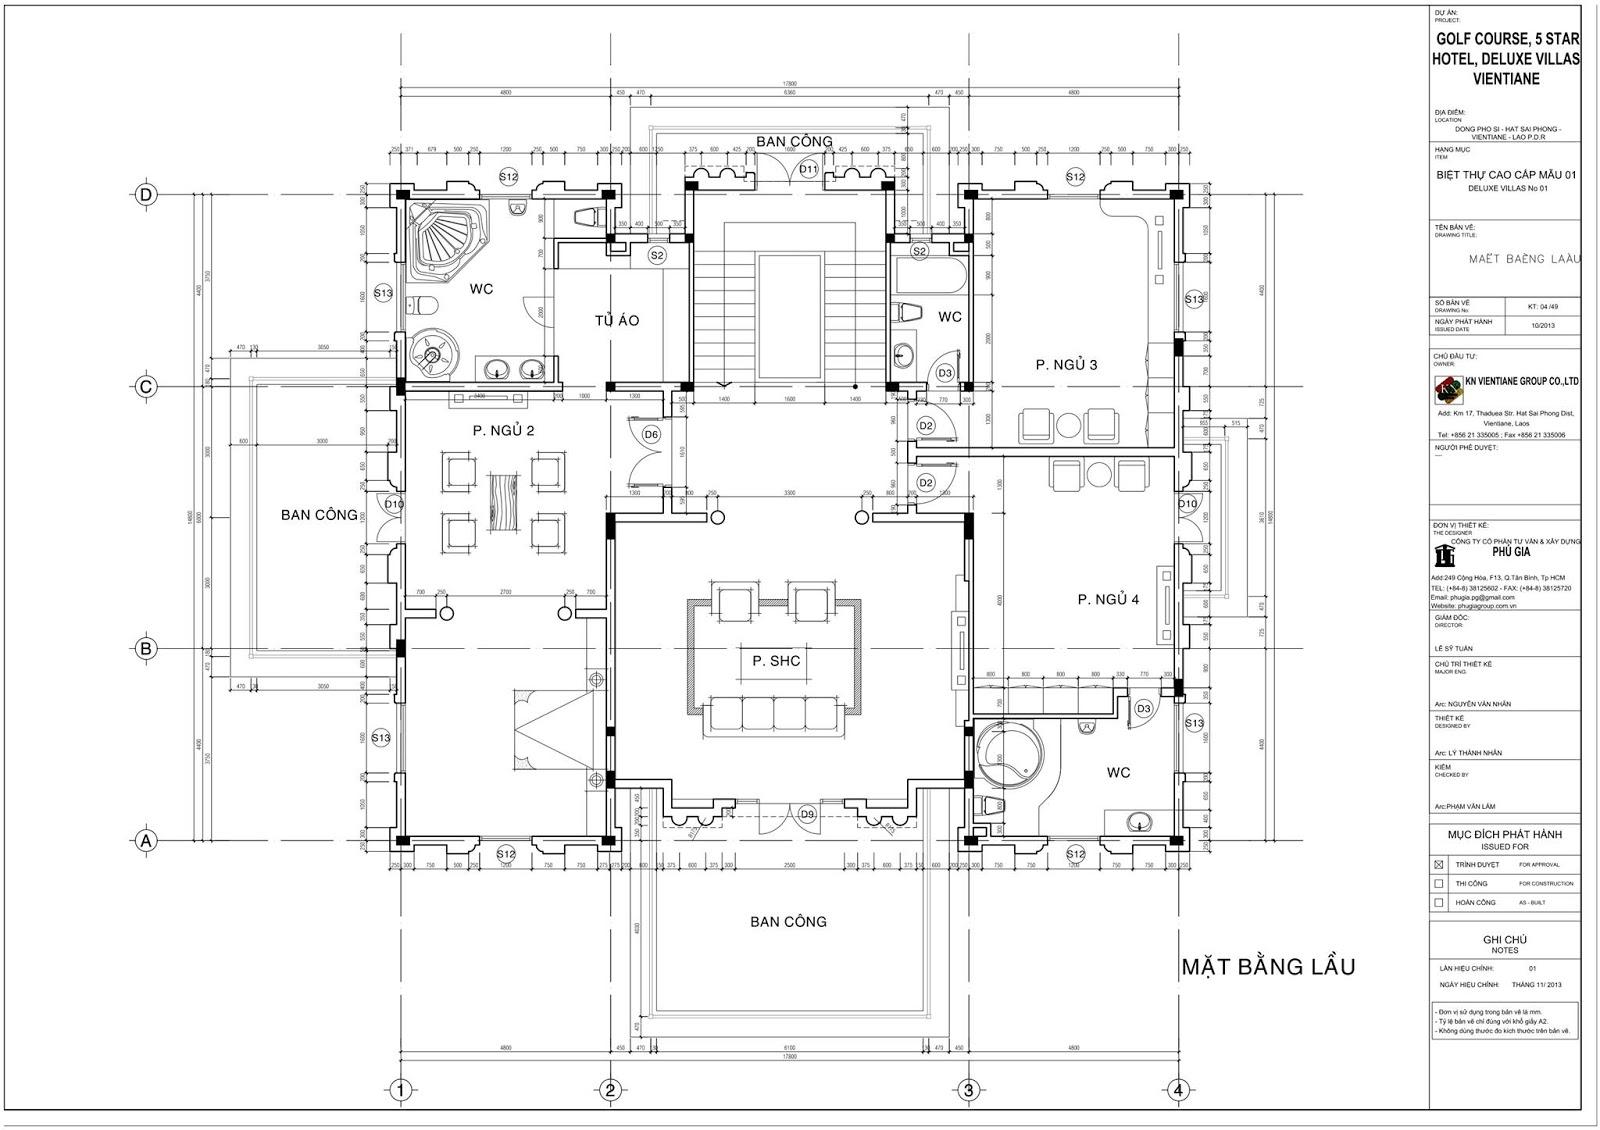 Mặt bằng tầng 1 Biệt thự cổ điển 3 tầng